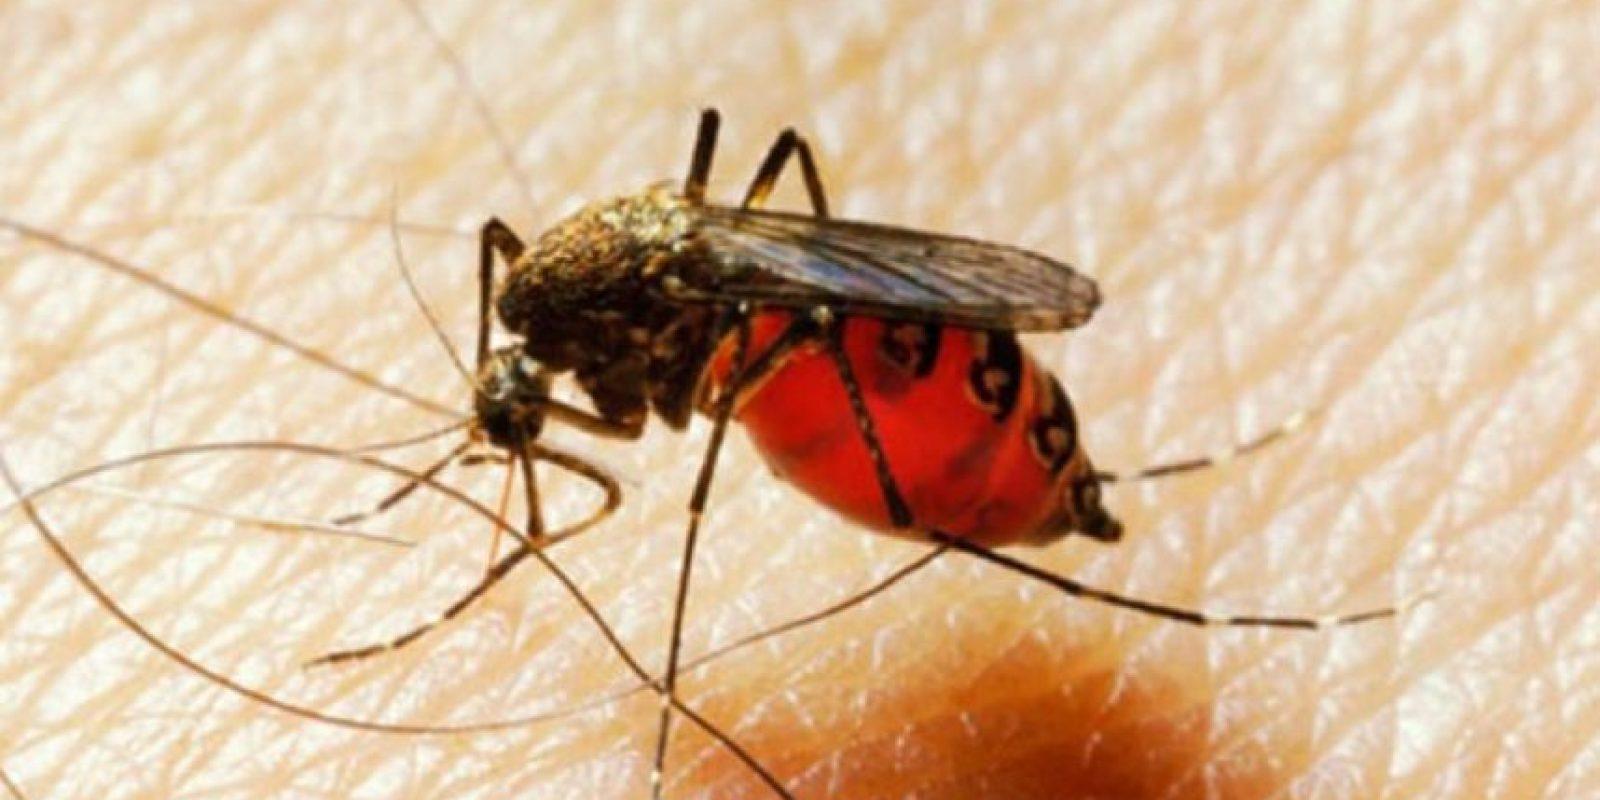 Ya que la sudoración y los olores fuertes invitan a estos insectos a picarnos. Foto:Pixabay